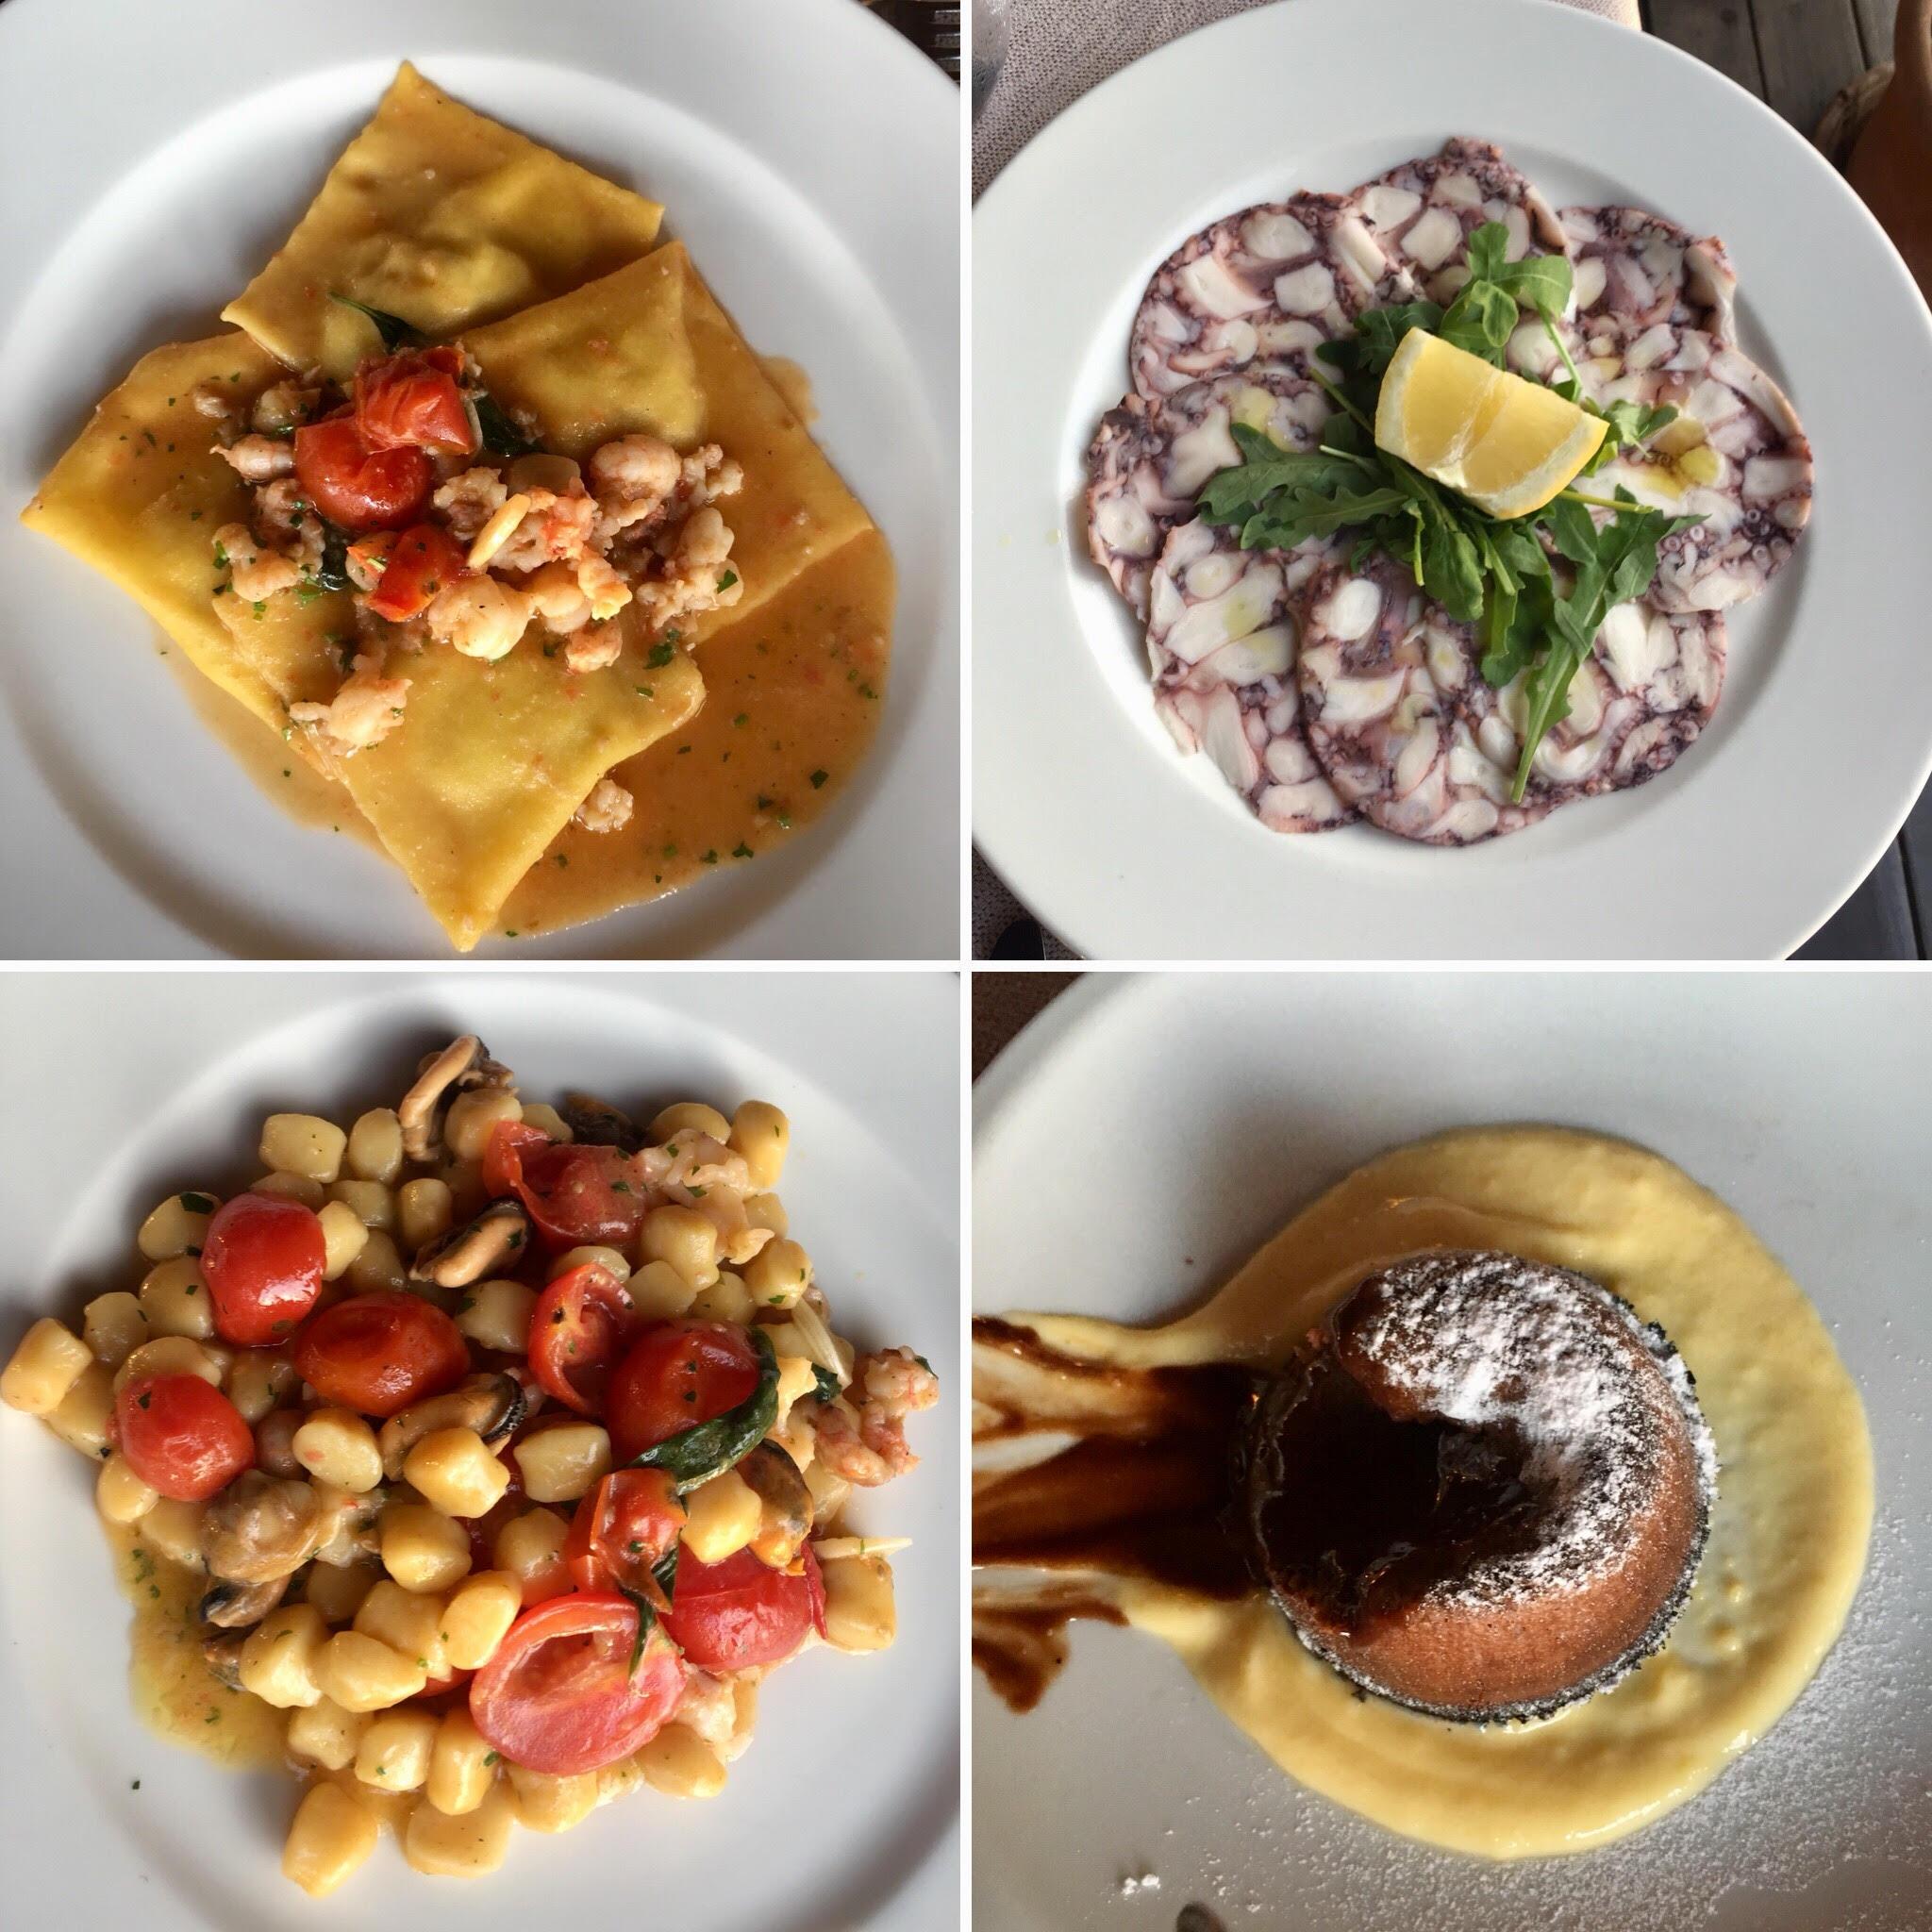 פסטה ופירות ים ב-Al Molo (צילום: הילי ברוק בלום)